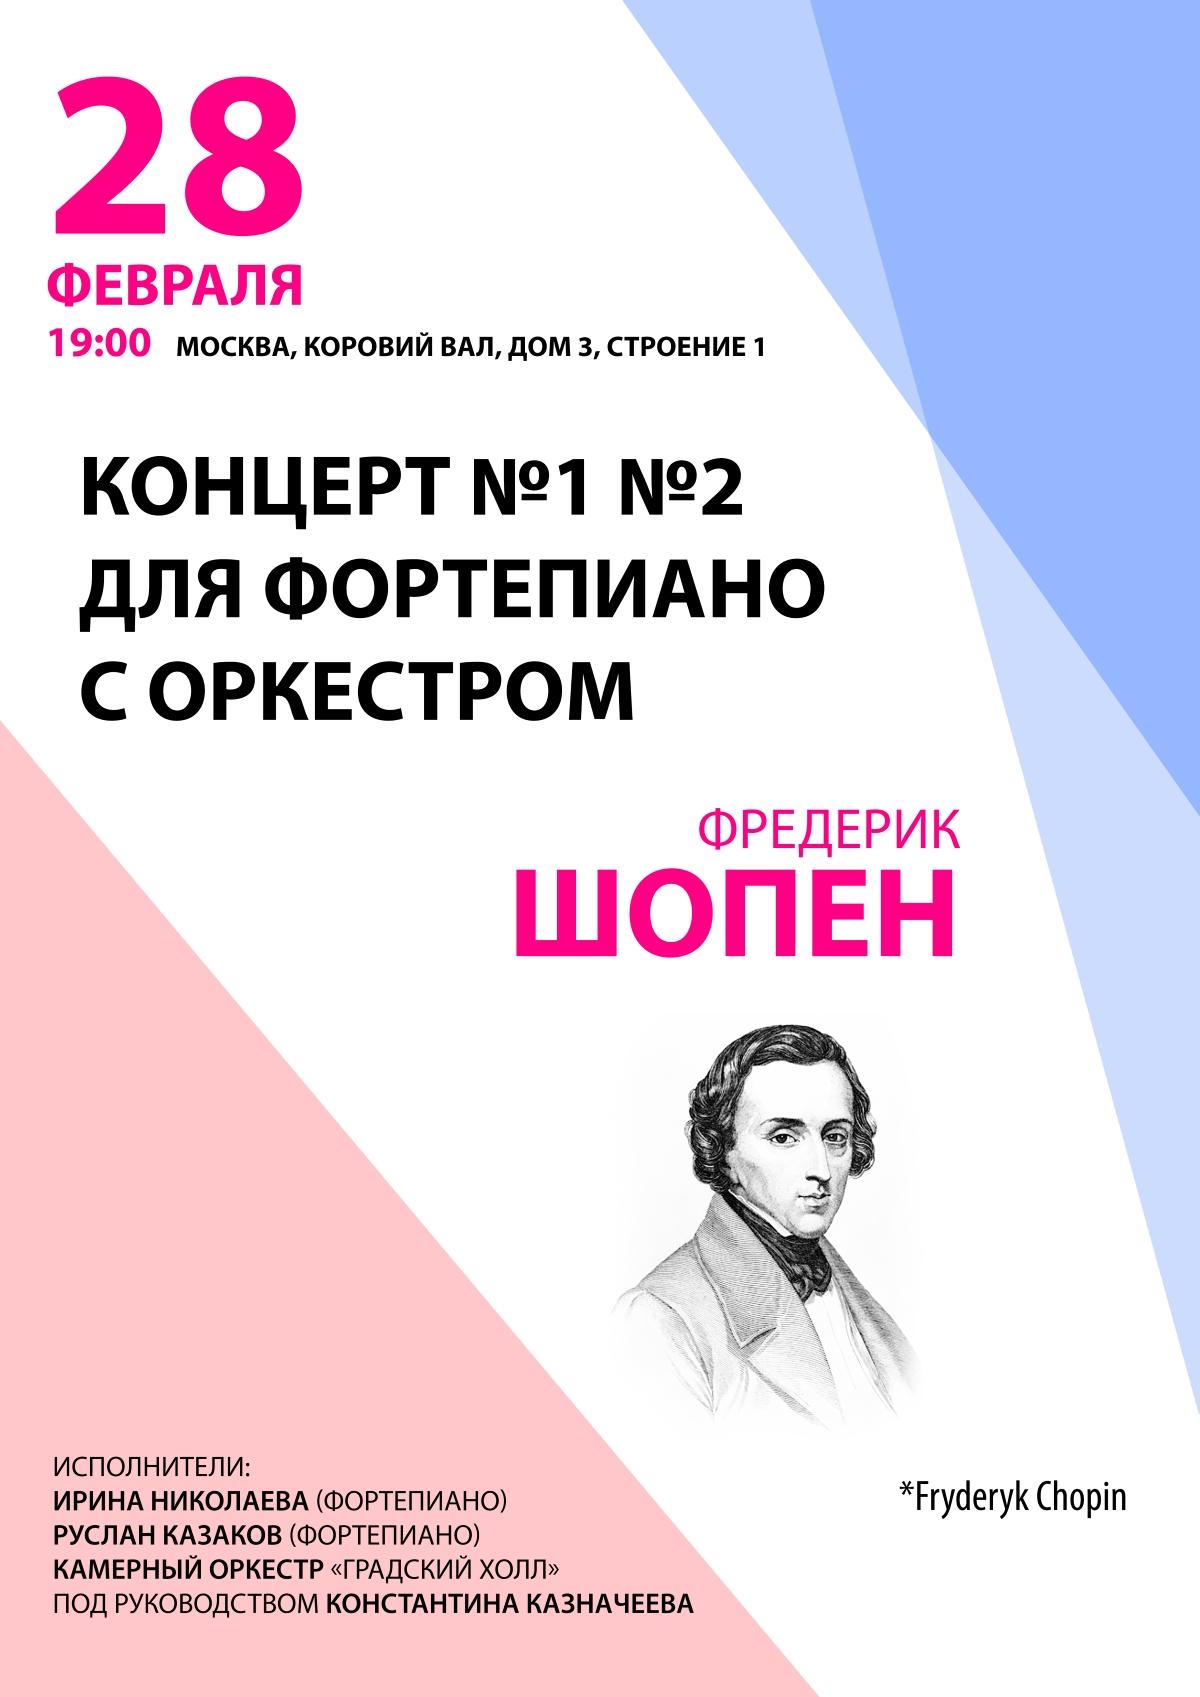 Фредерик ШОПЕН Концерт №1 и №2 Для фортепиано с оркестром.